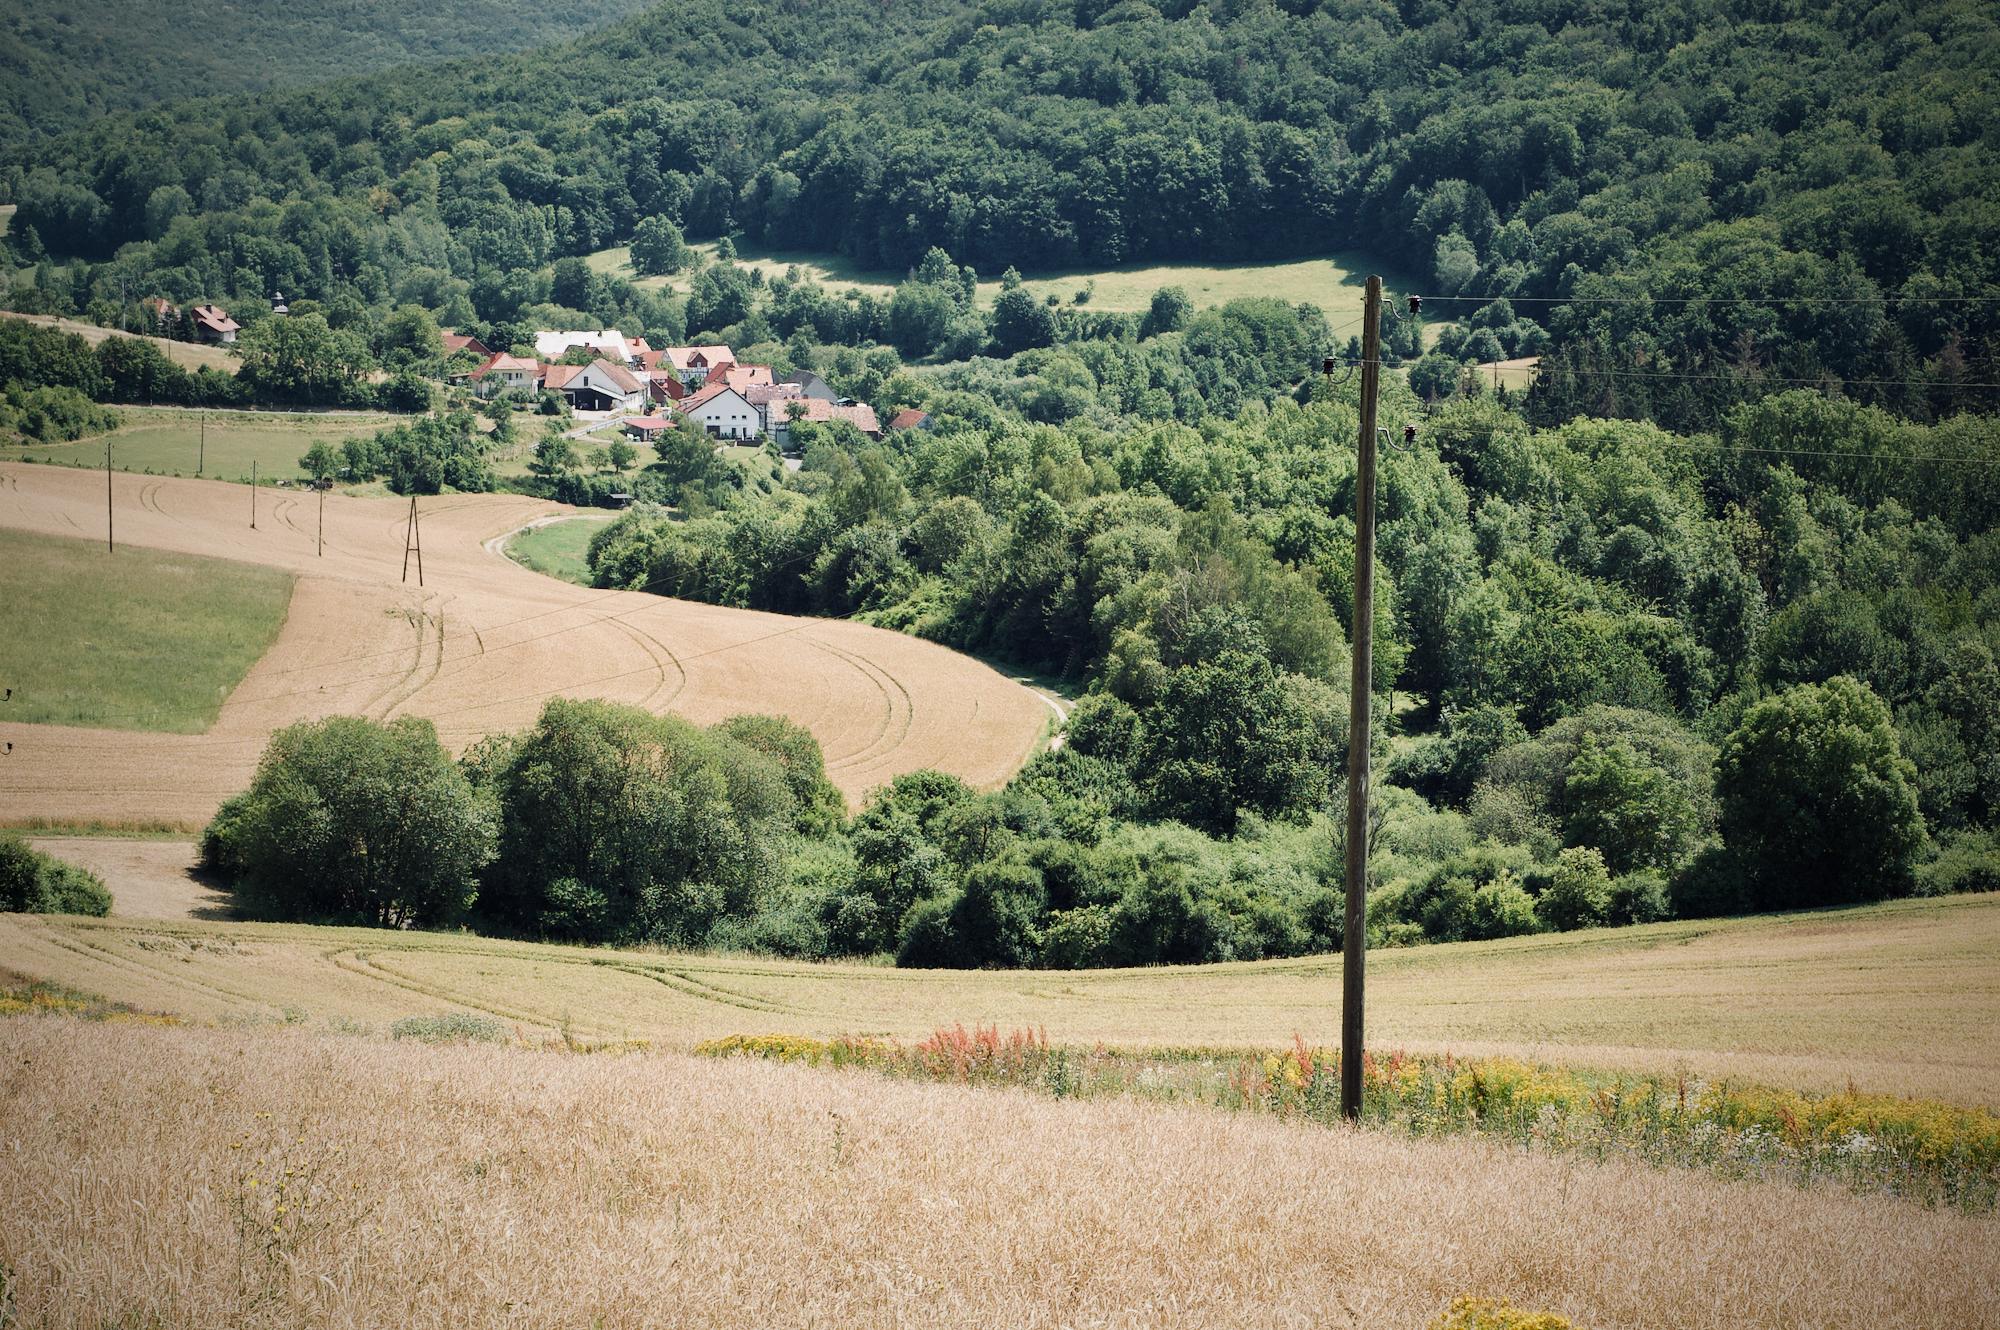 Blick auf das Dörfchen Asbach direkt an der ehemaligen Grenze